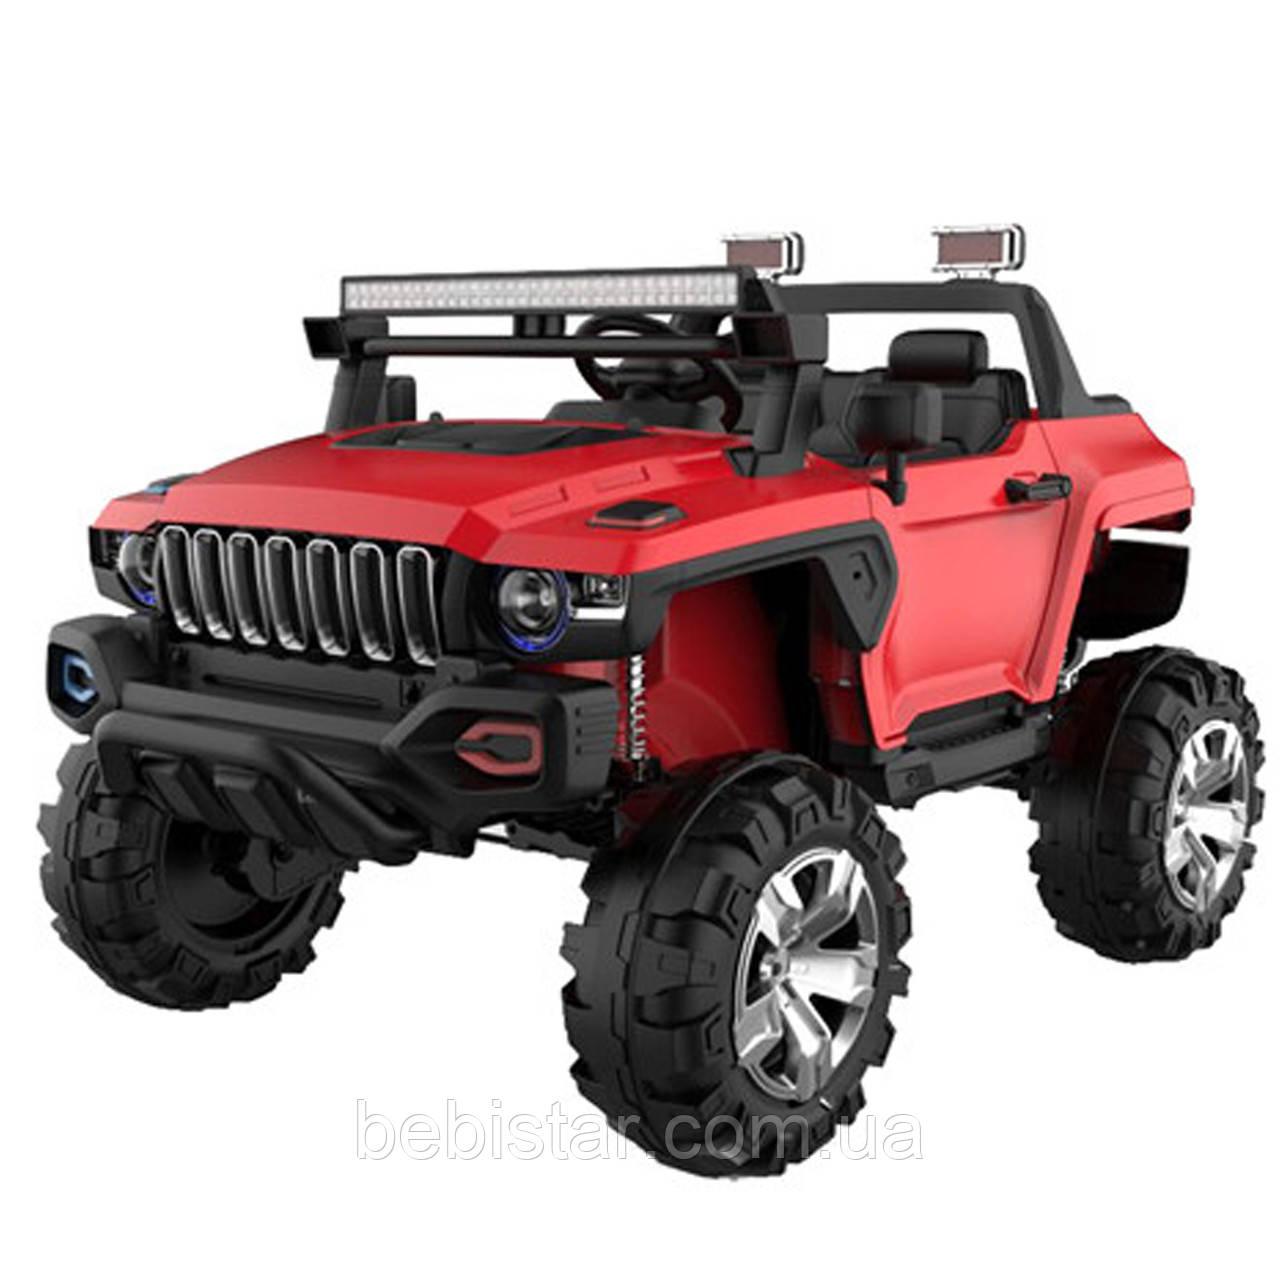 Джип электромобиль красный двухместный деткам 3-8 лет с пультом, аккумулятор 1*12V10AH, мотор 2*40W с МР3